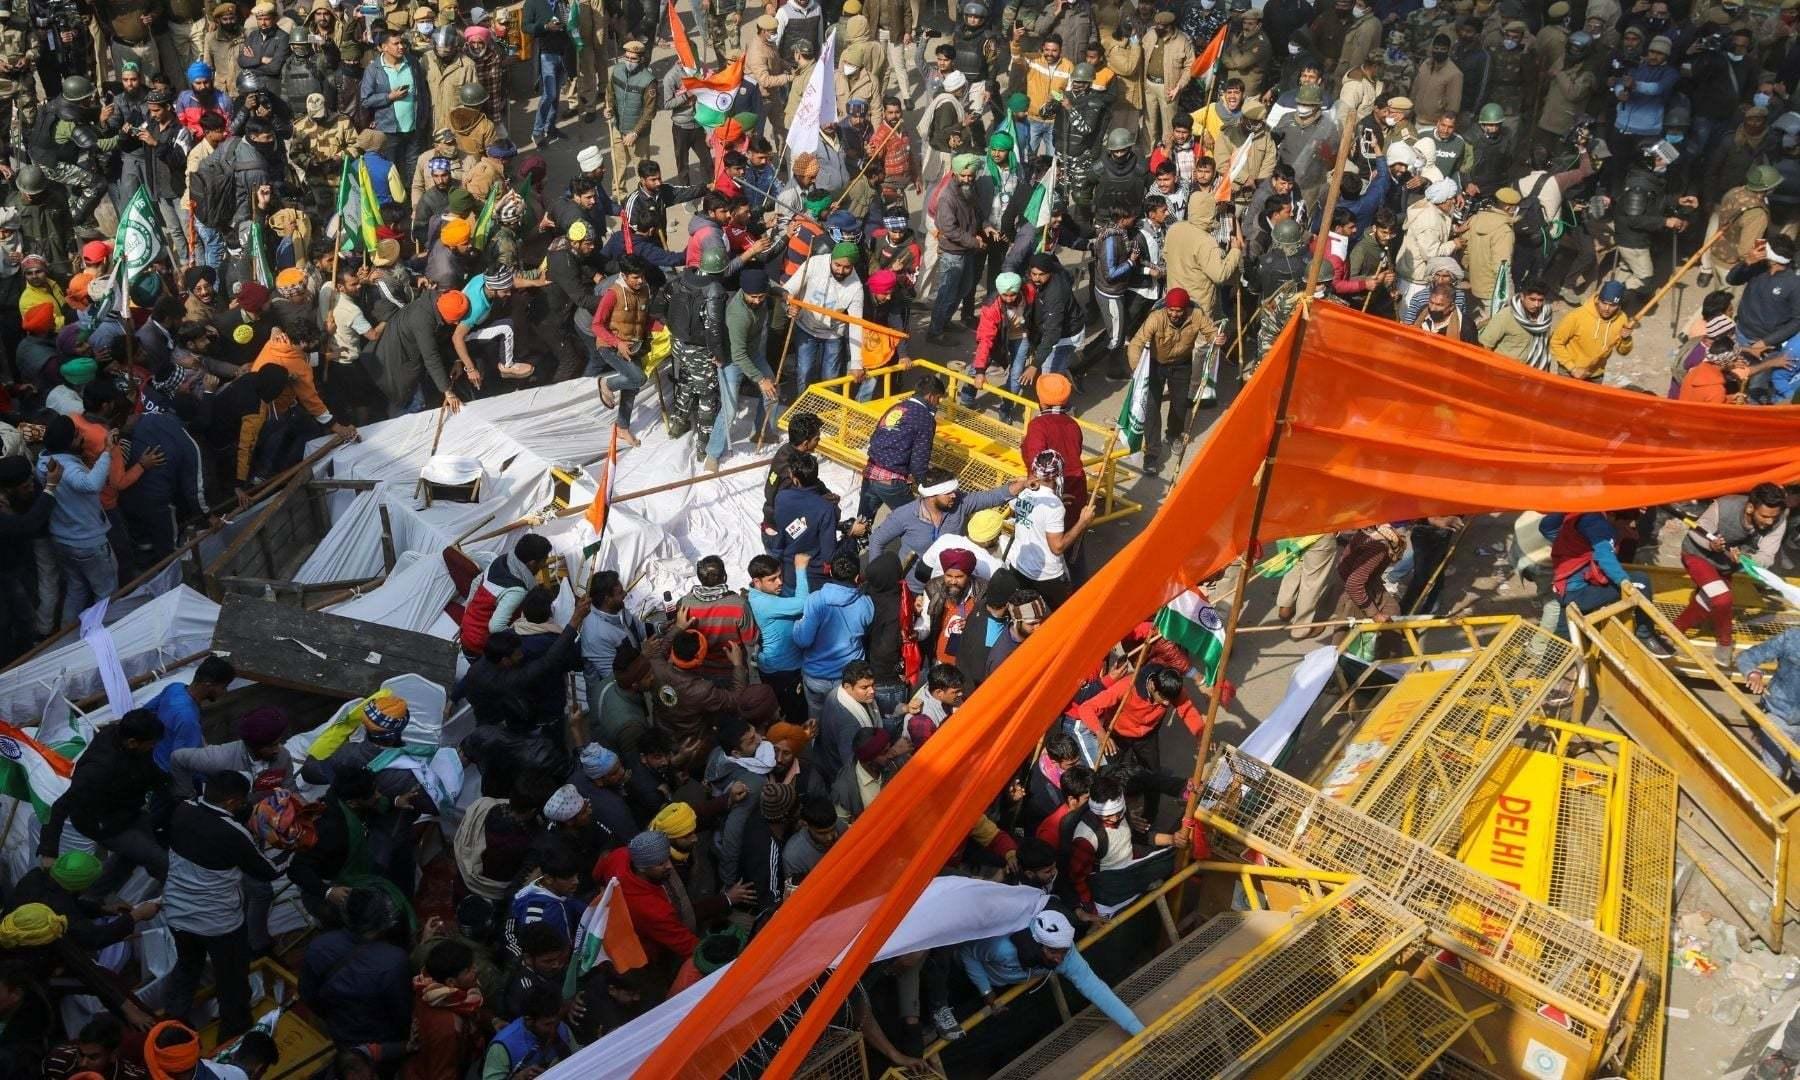 دہلی کی پولیس نے کسانوں کو روکنے کے لیے رکاوٹیں کھڑی کی تھیں — فوٹو: رائٹرز